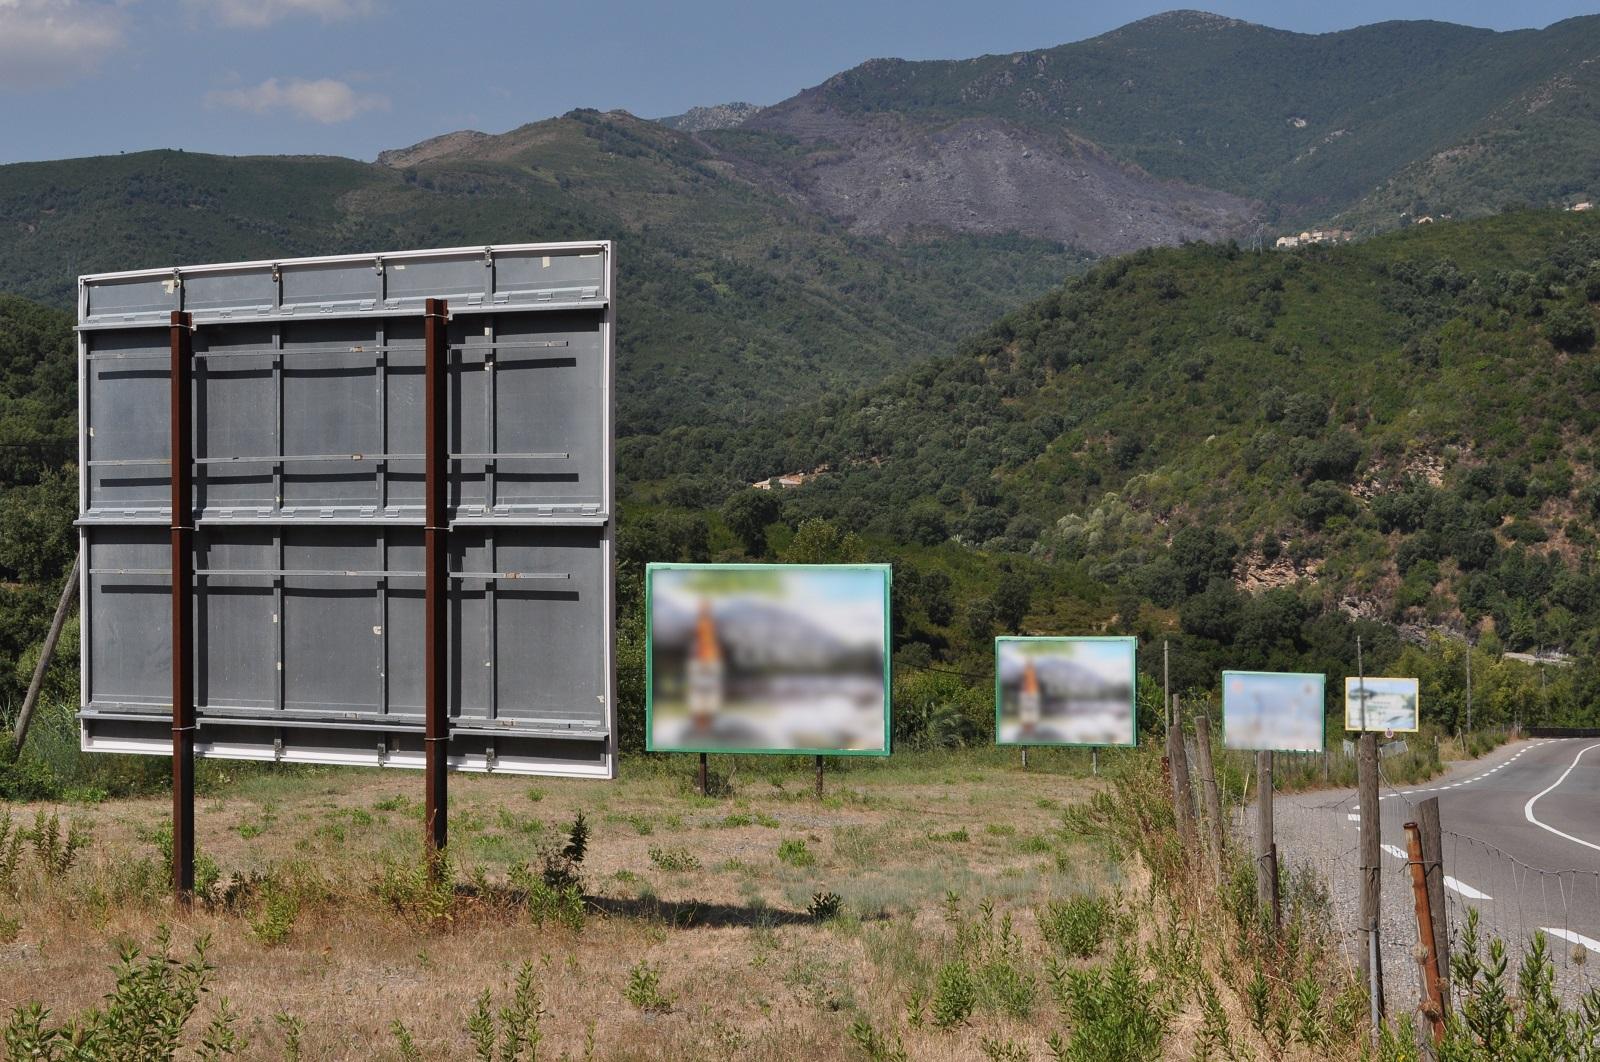 Le paysage face à l'invasion publicitaire